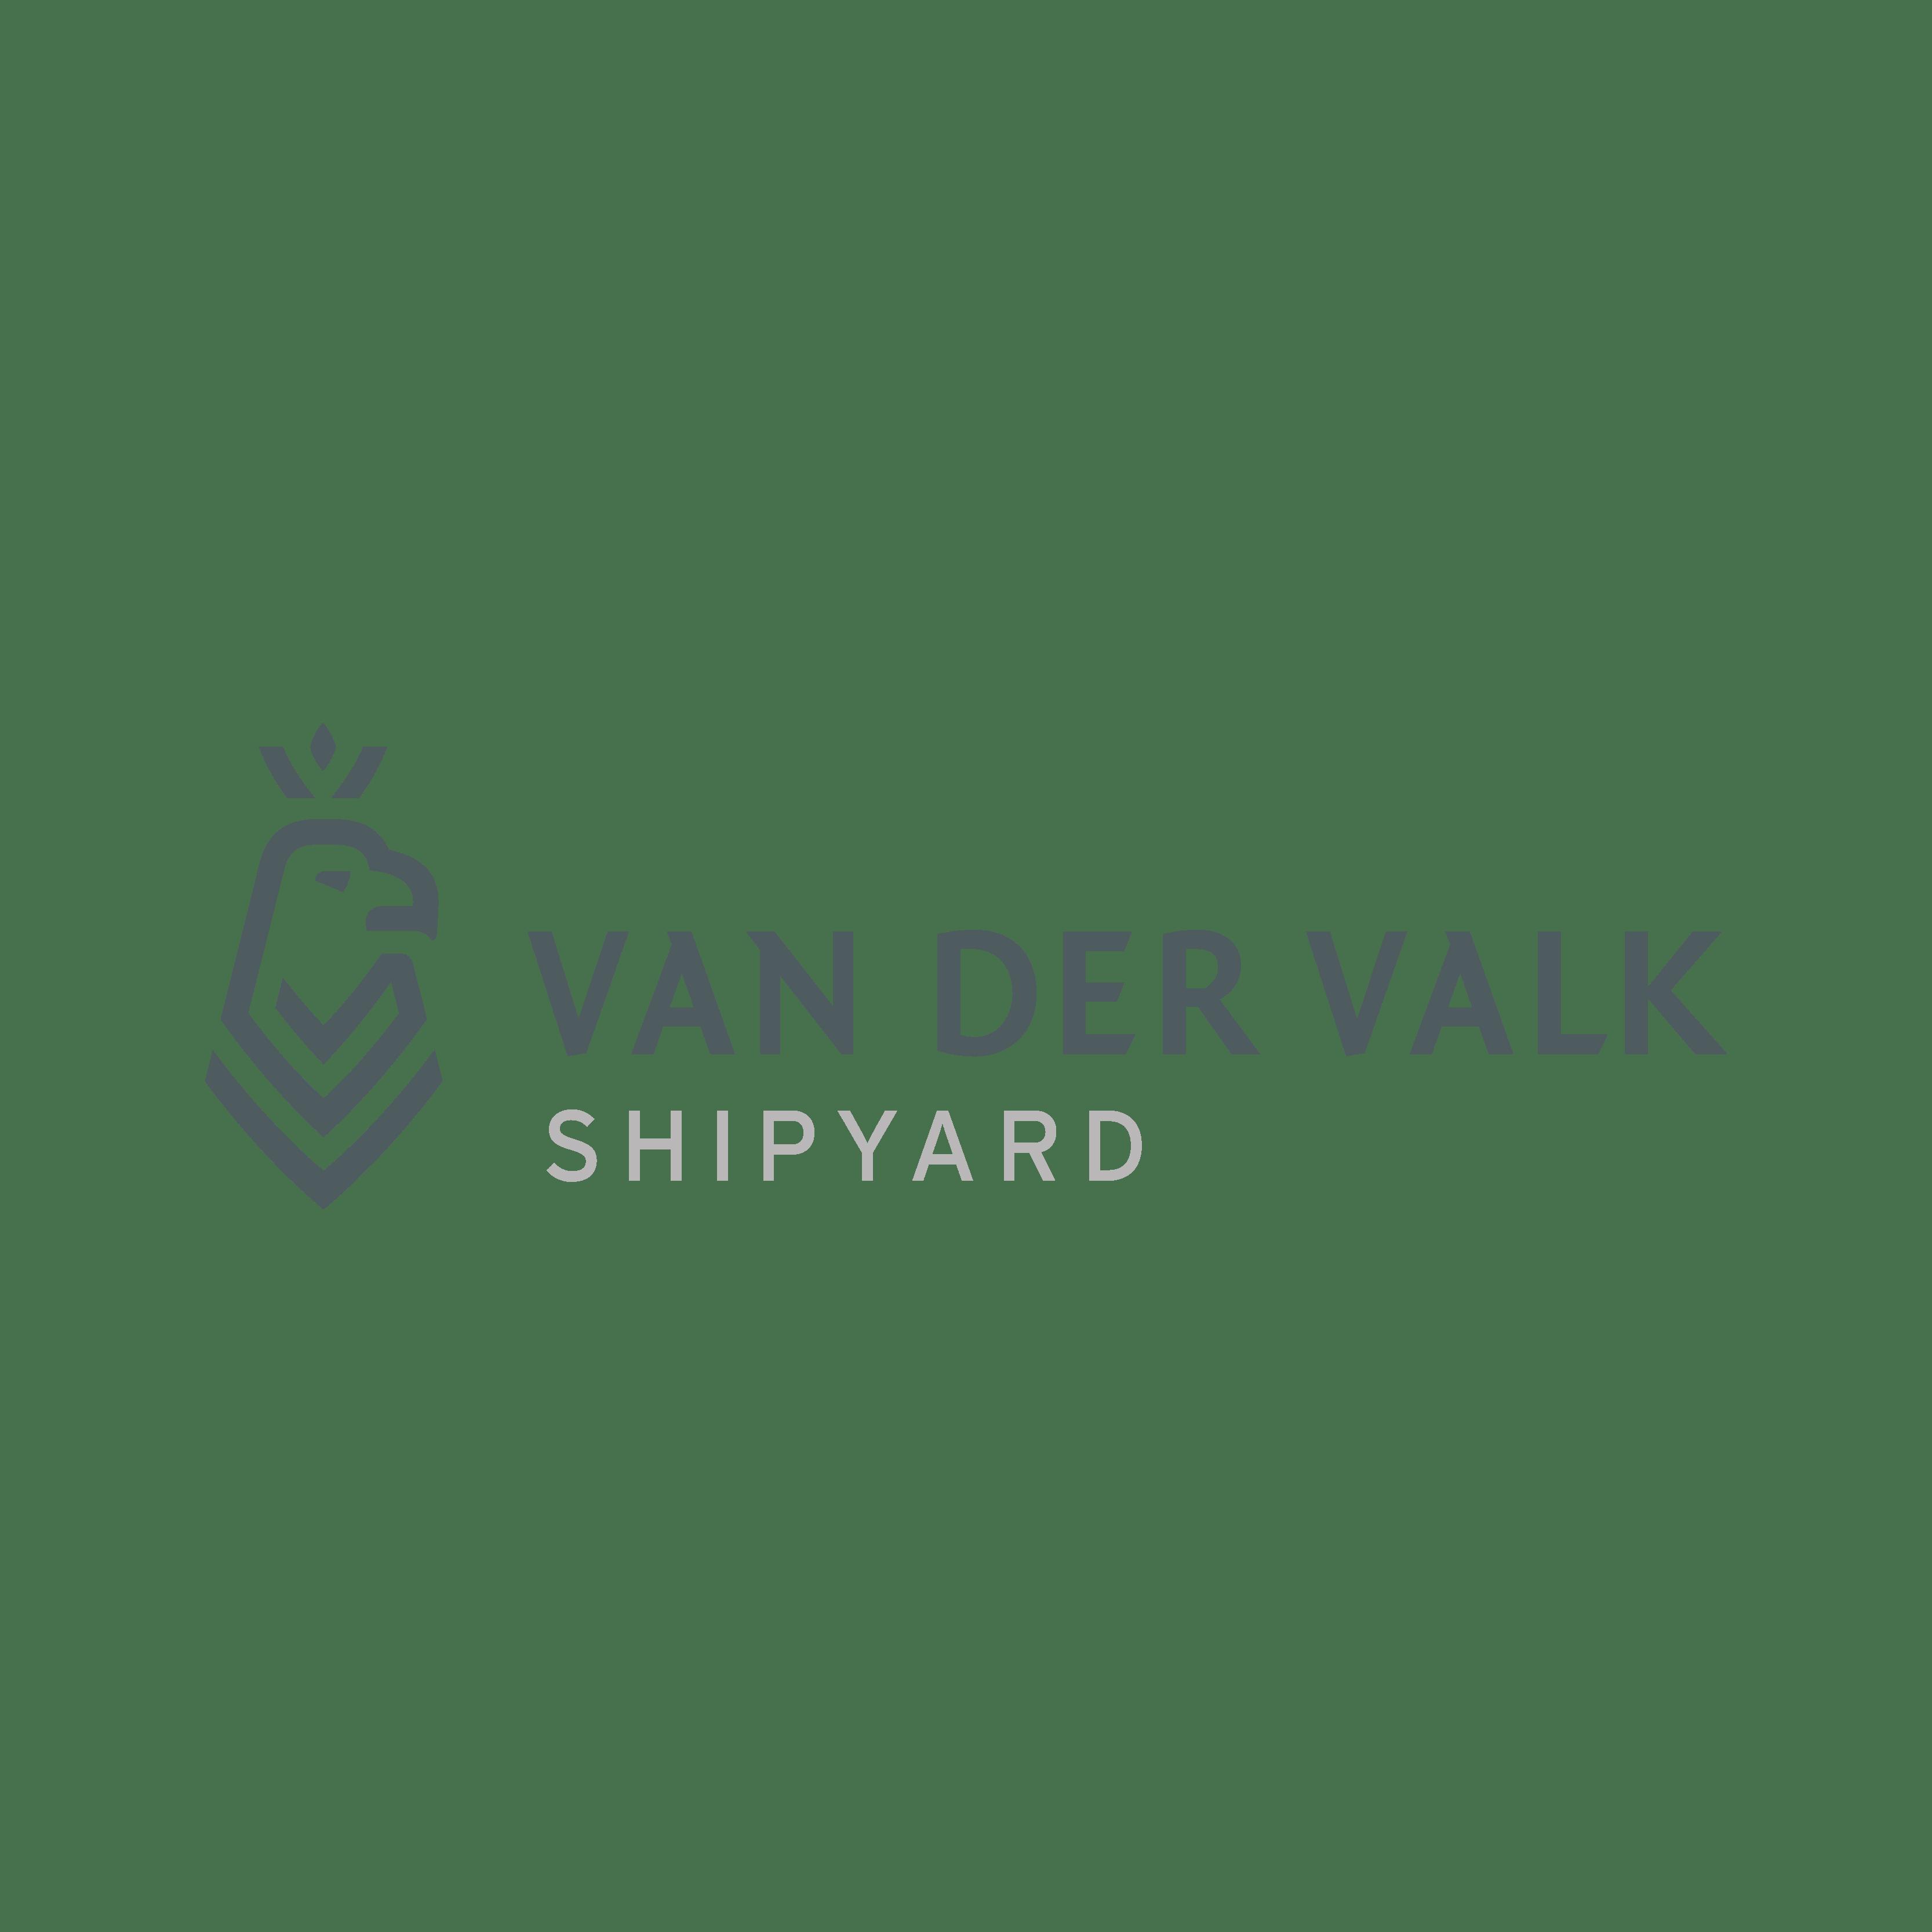 Logo Van Der Valk